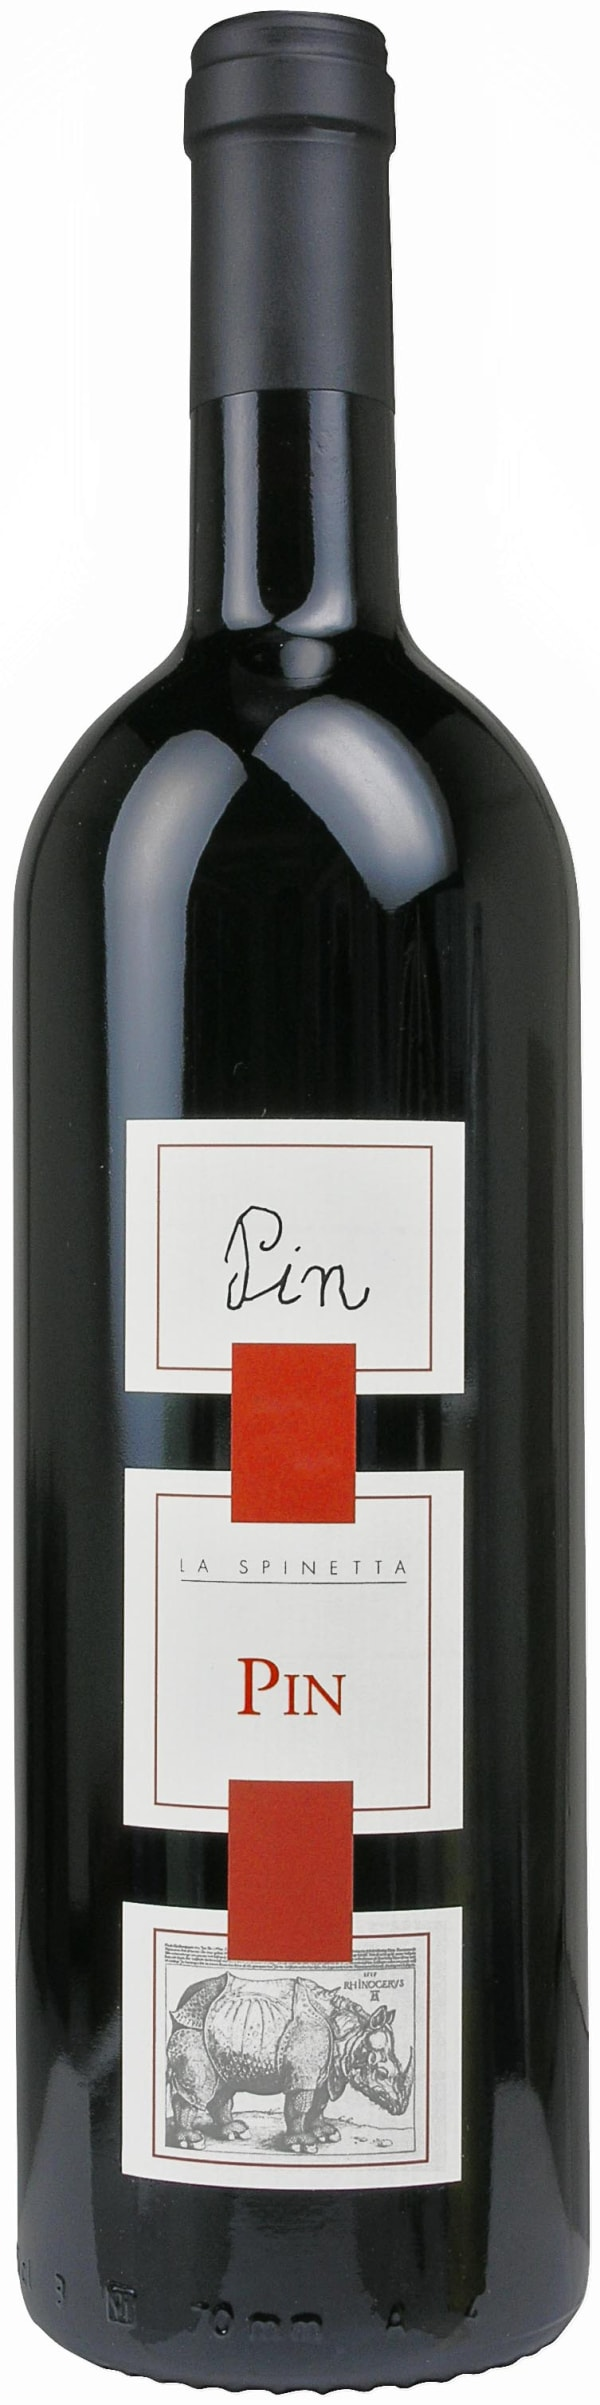 La Spinetta Pin Rosso 2011